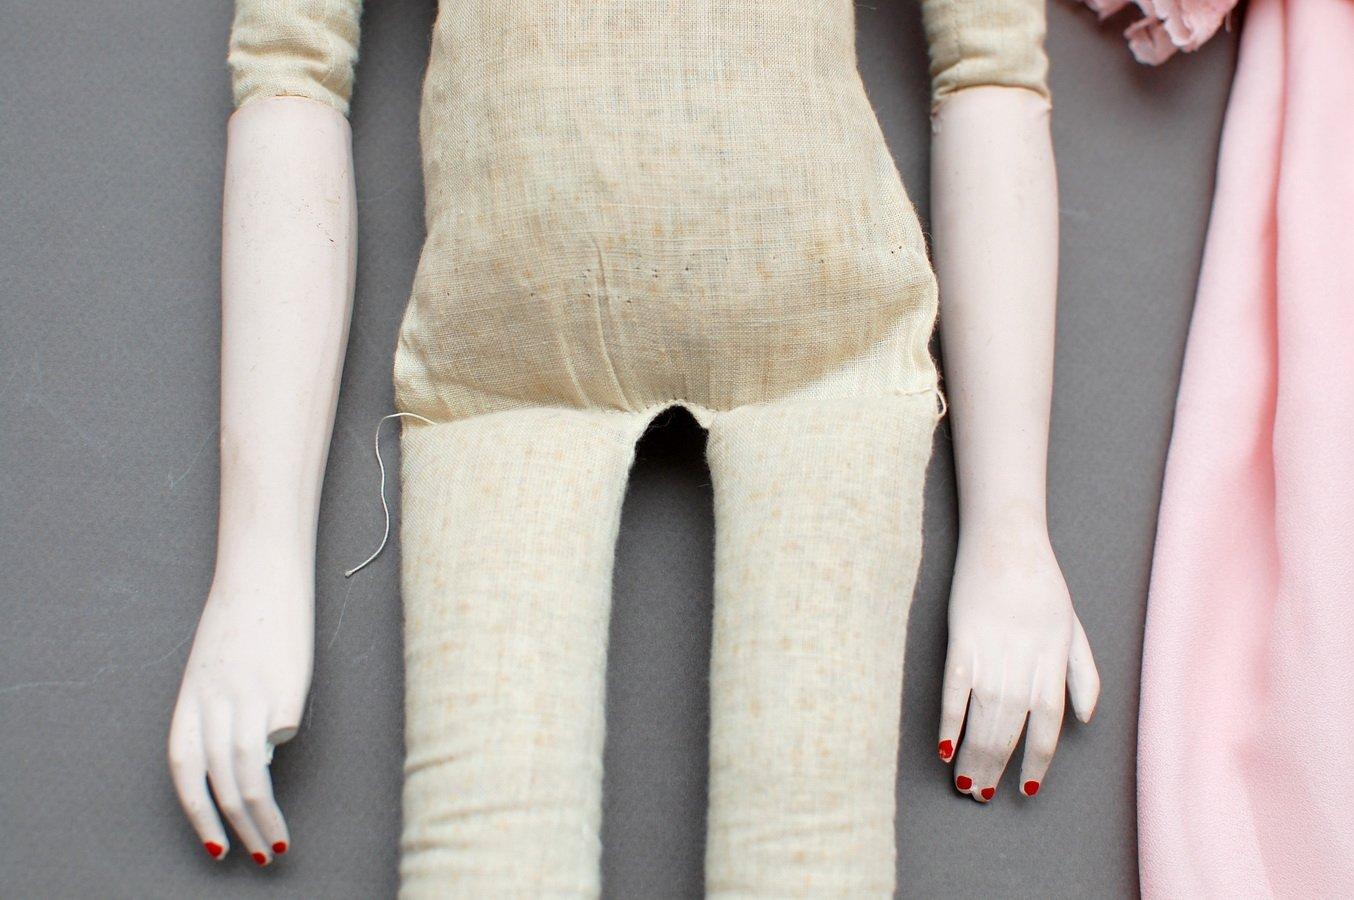 цельная выкройка тела будуарной куклы